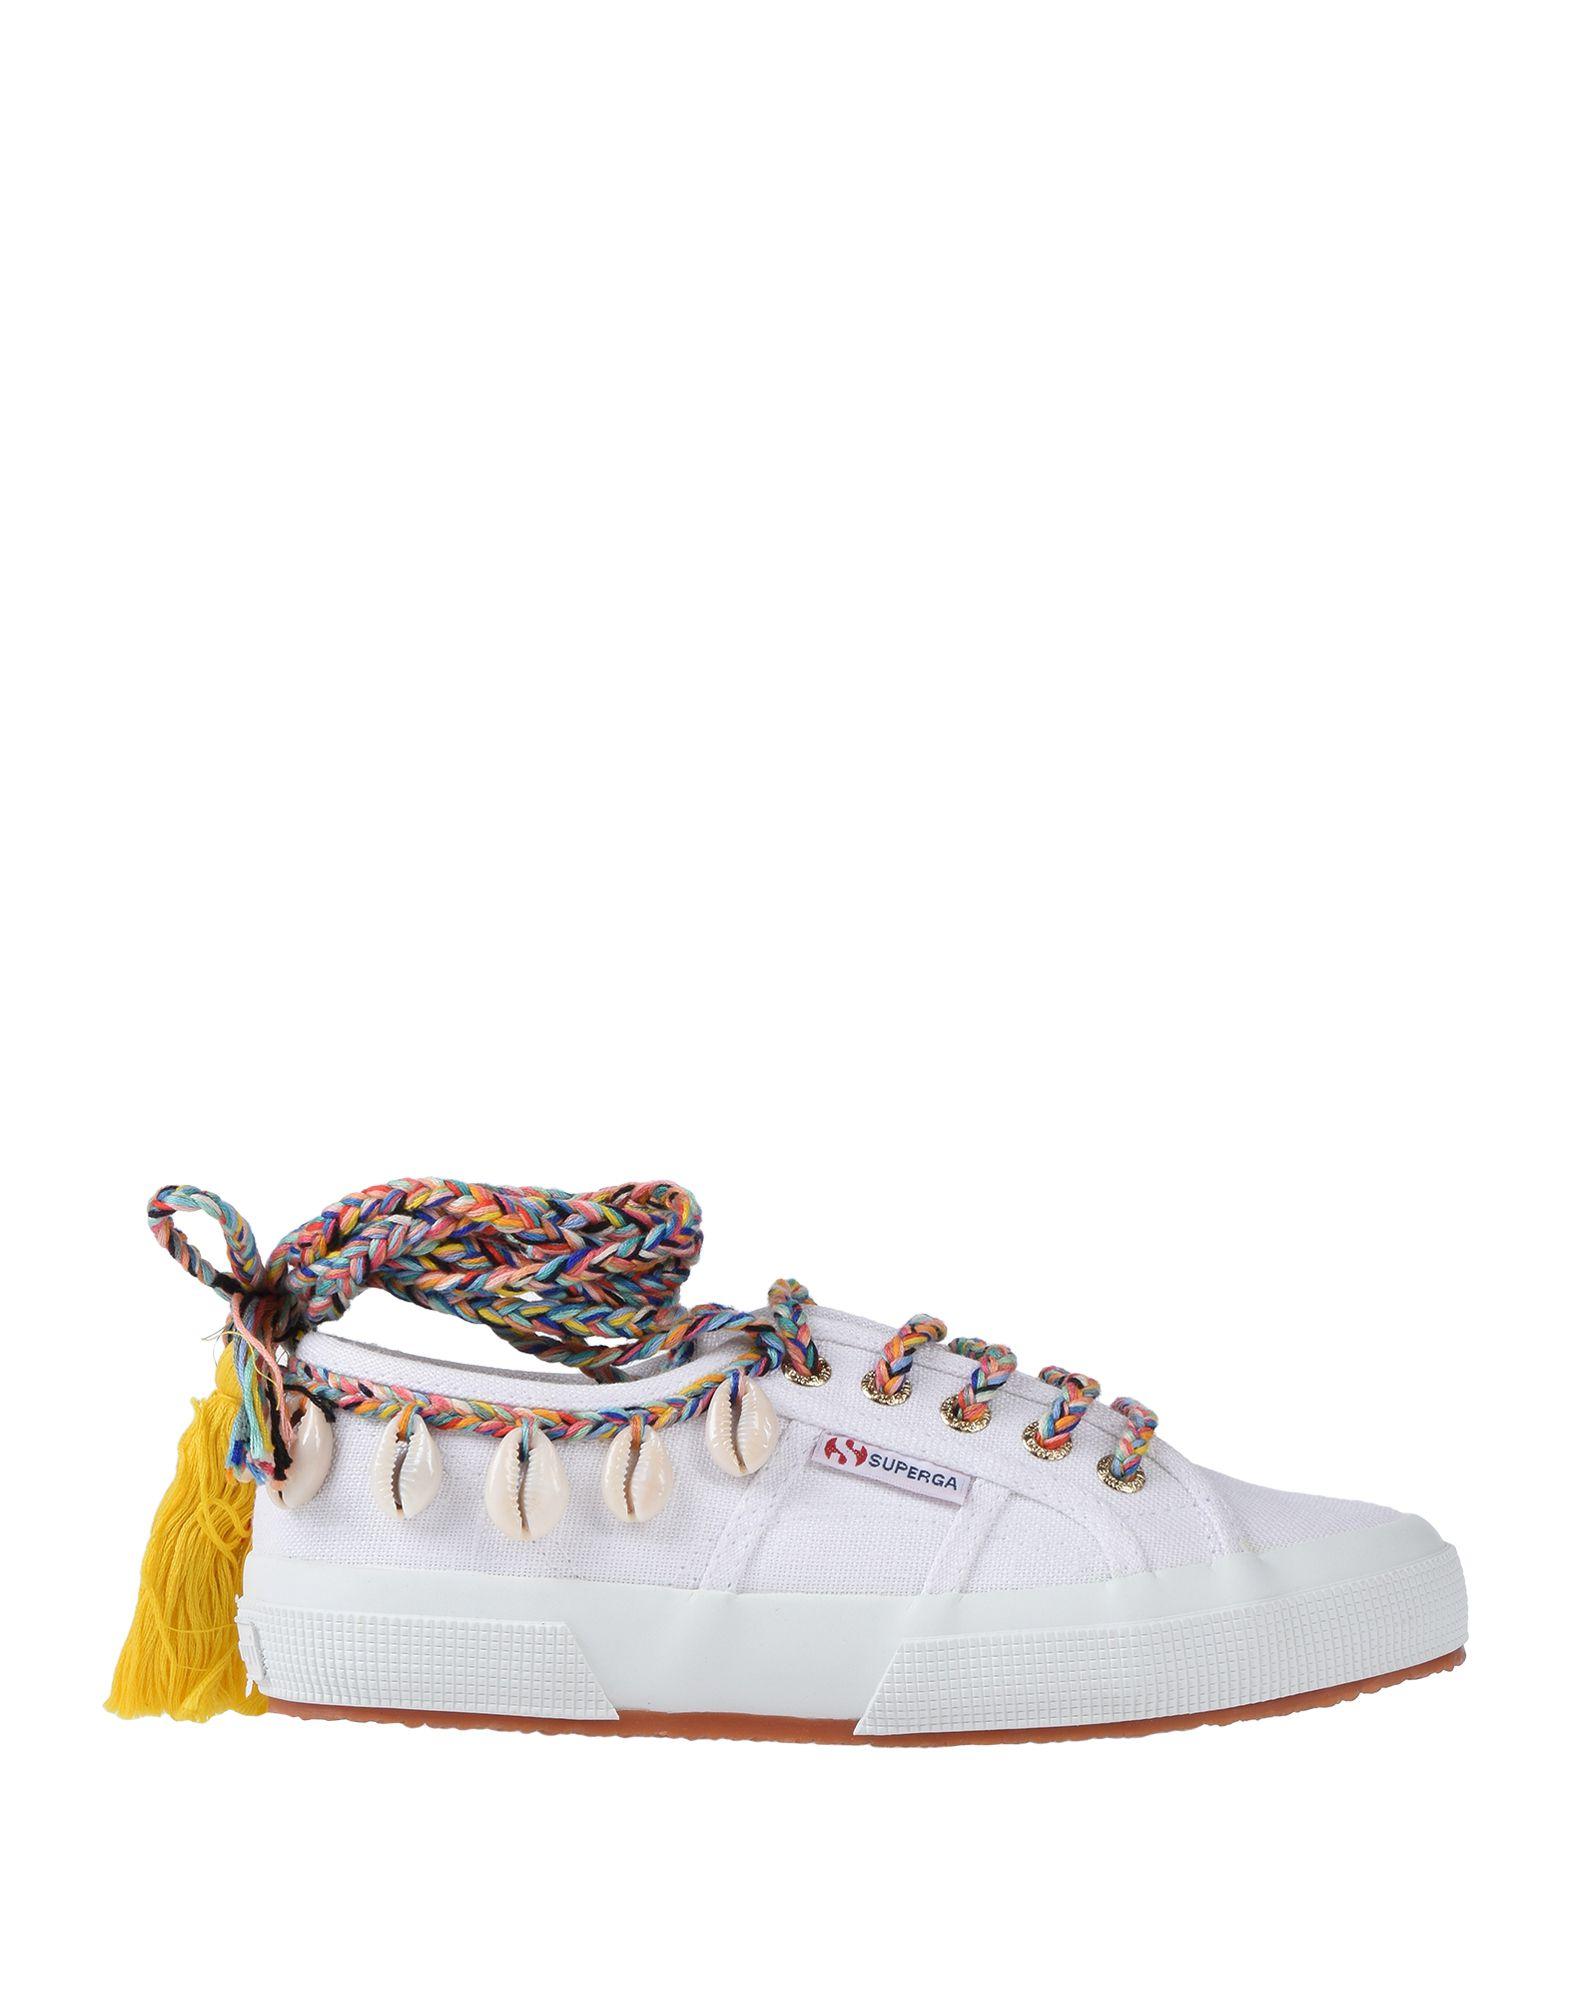 Фото - SUPERGA x ALANUI Кеды и кроссовки superga x myar высокие кеды и кроссовки